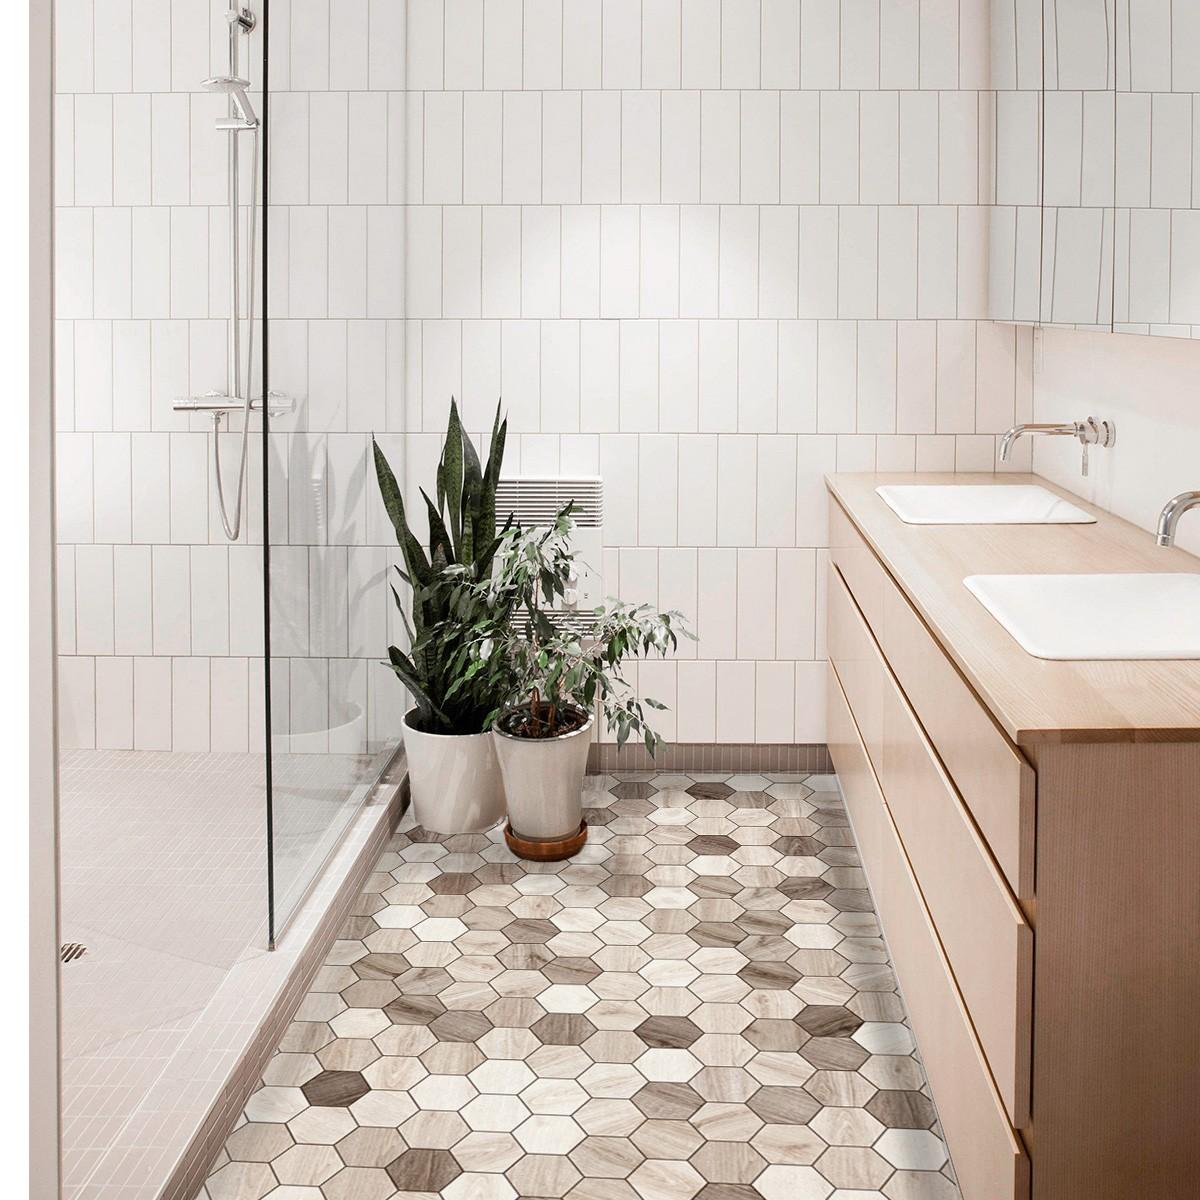 carrelage hexagonal sol salle de bain  Cocon - déco & vie nomade